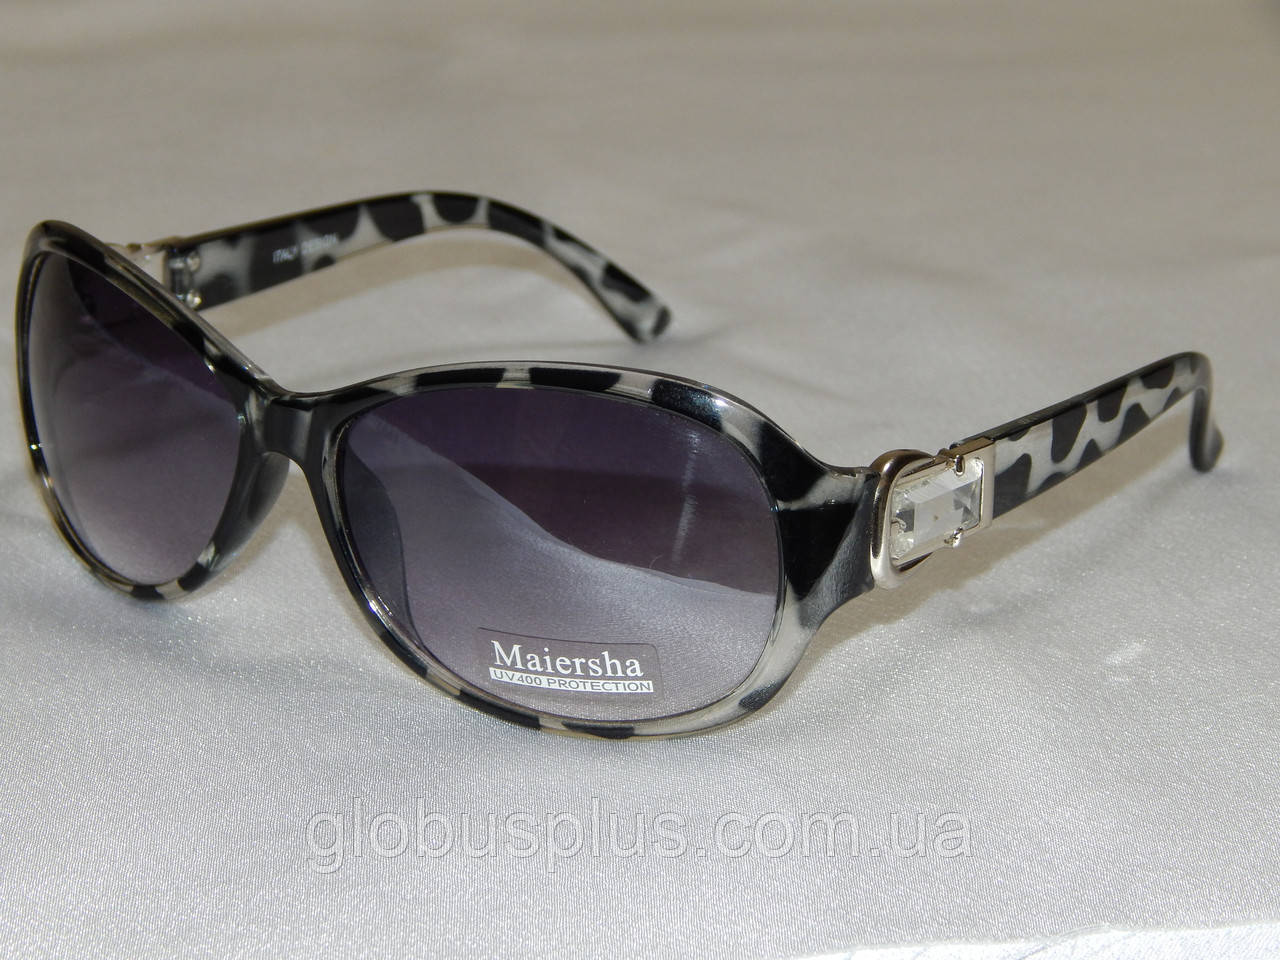 3e63a71dc2d6 Купить Солнцезащитные очки женские 760107 в Харькове (Украина). Цены ...